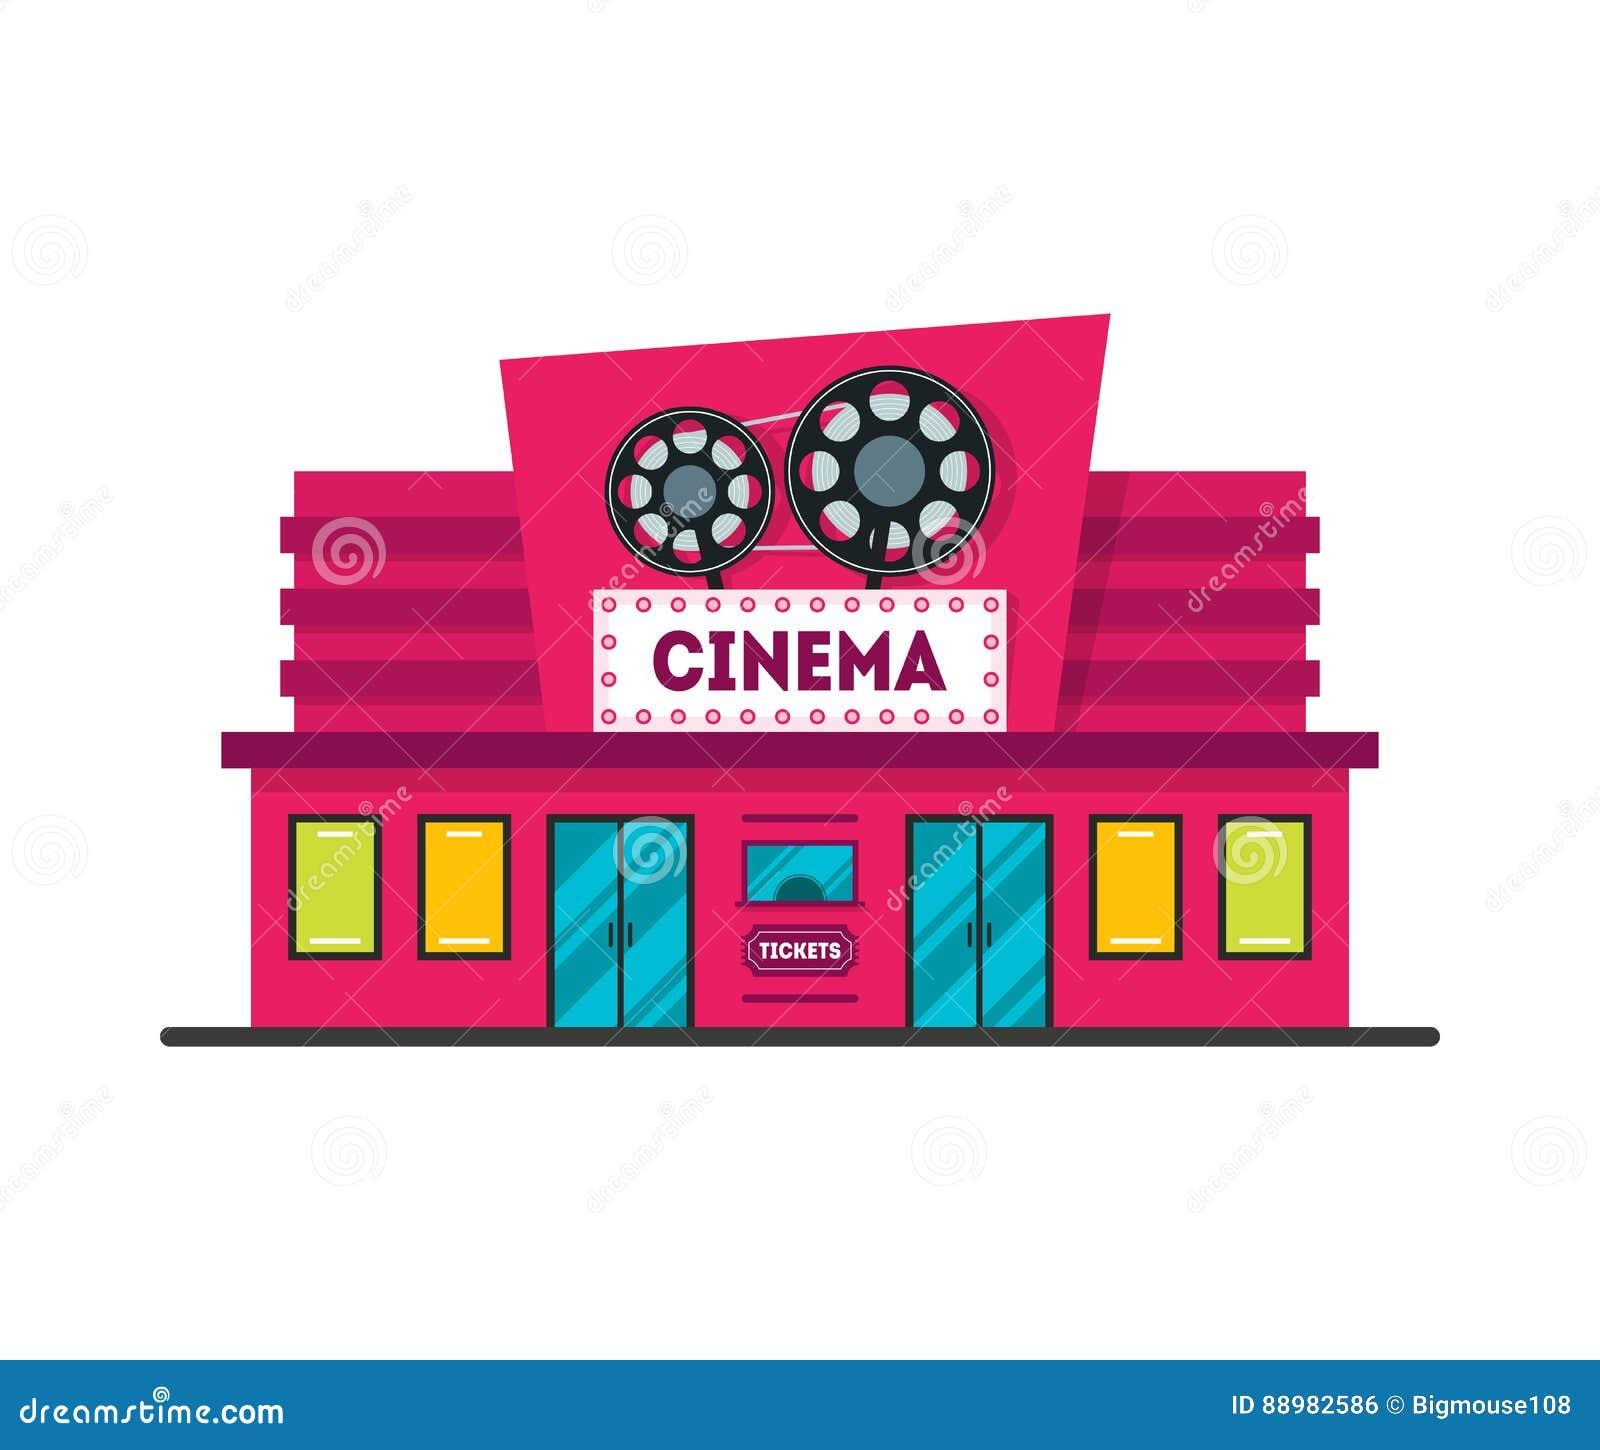 Cartoon Cinema Building. Vector Stock Vector ...  Cinema Building Cartoon